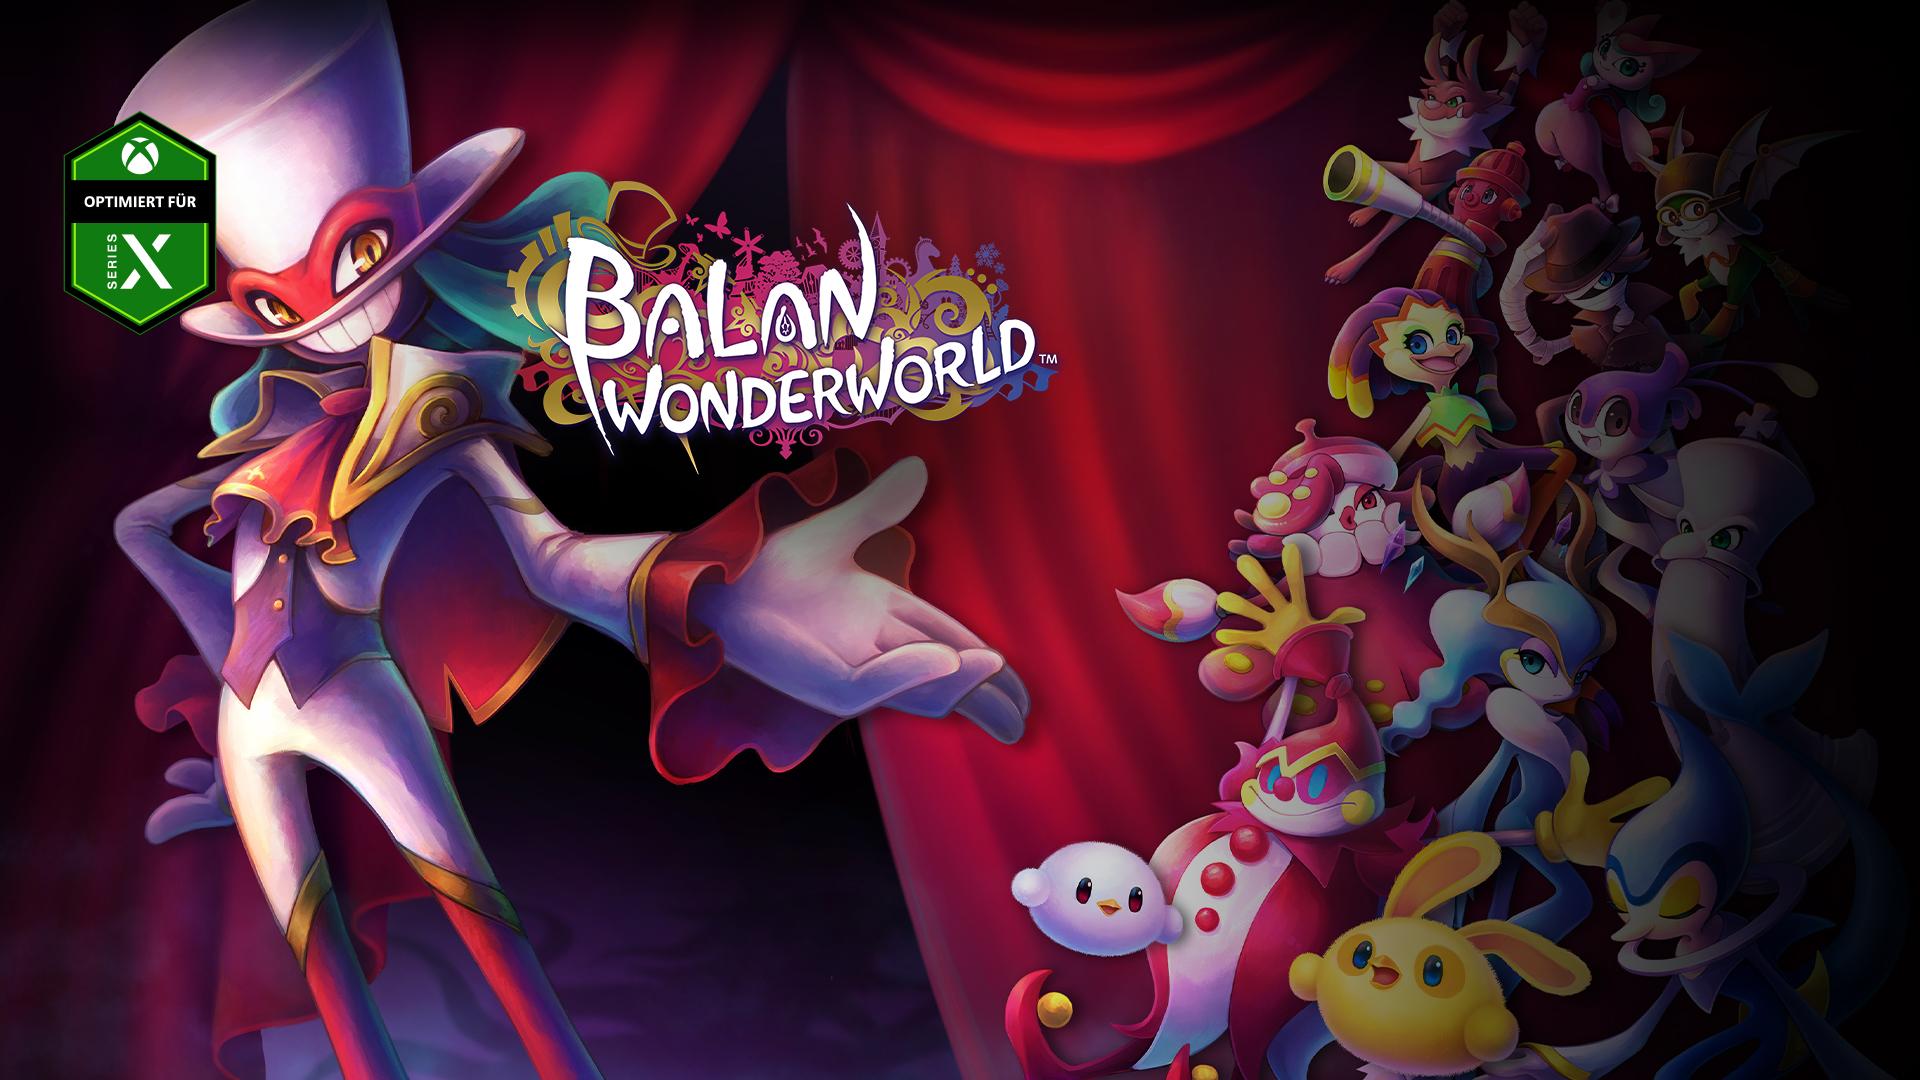 Optimiert für Series X, Balan Wonderworld, Ein gut gekleideter Dämon gestikuliert gegenüber einer Gruppe bunter Kreaturen.